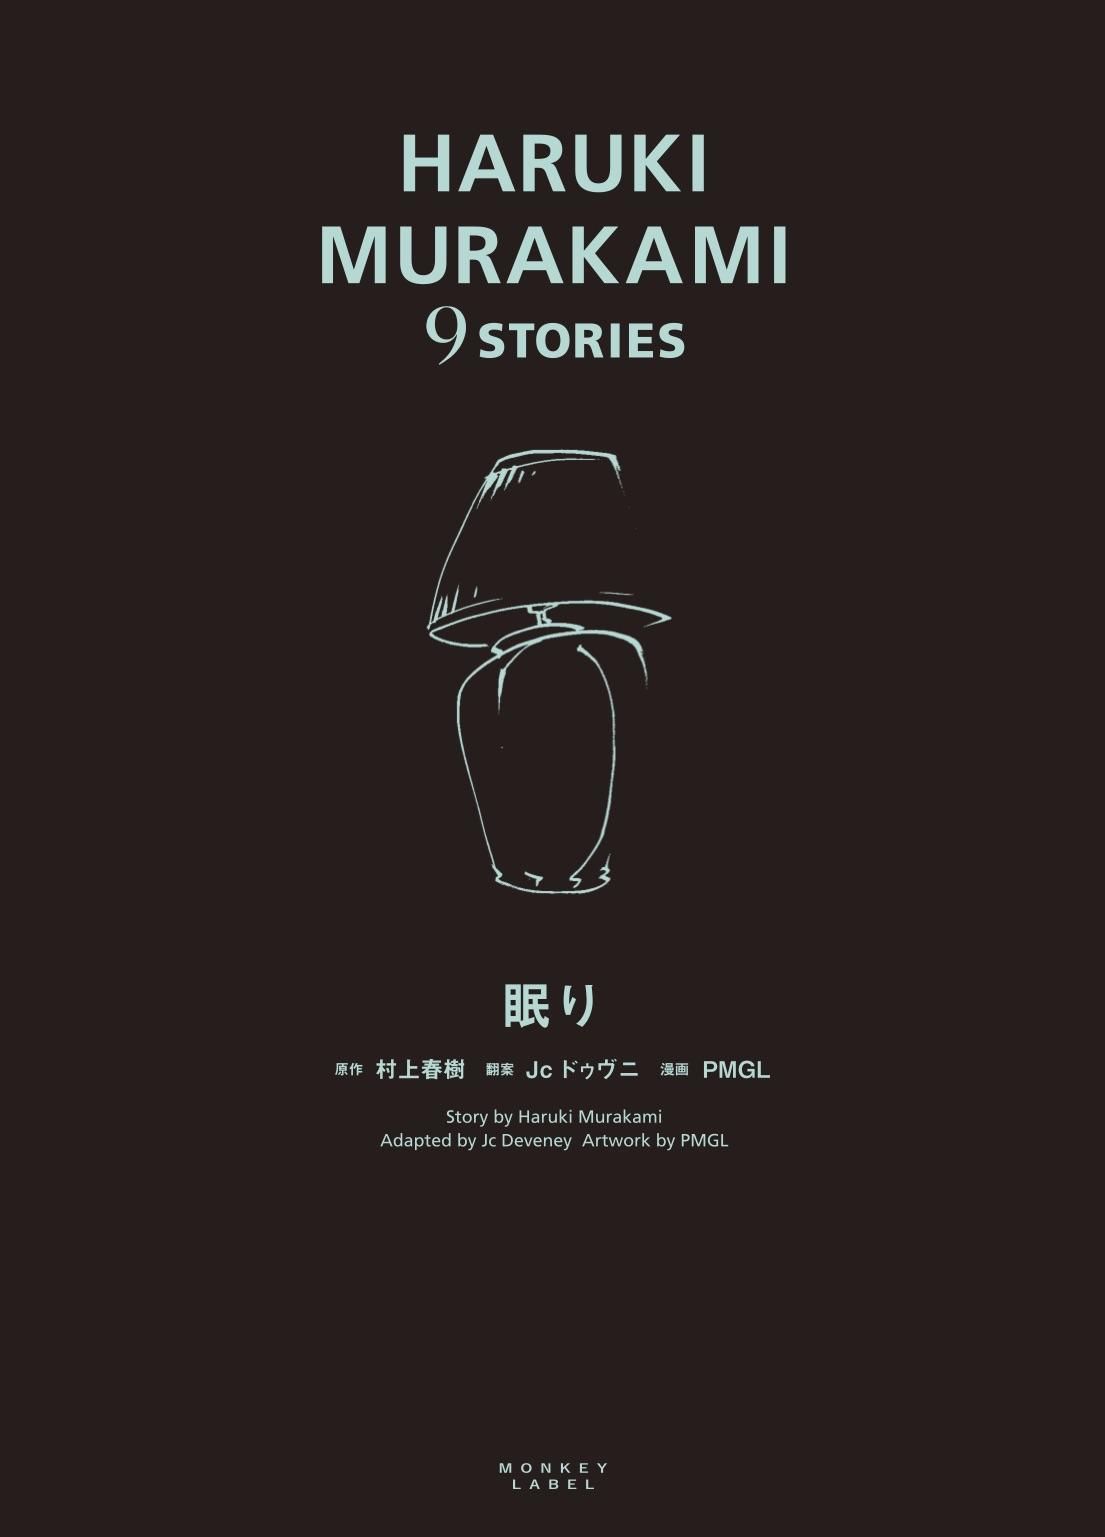 HARUKI MURAKAMI 9 STORIES 眠り